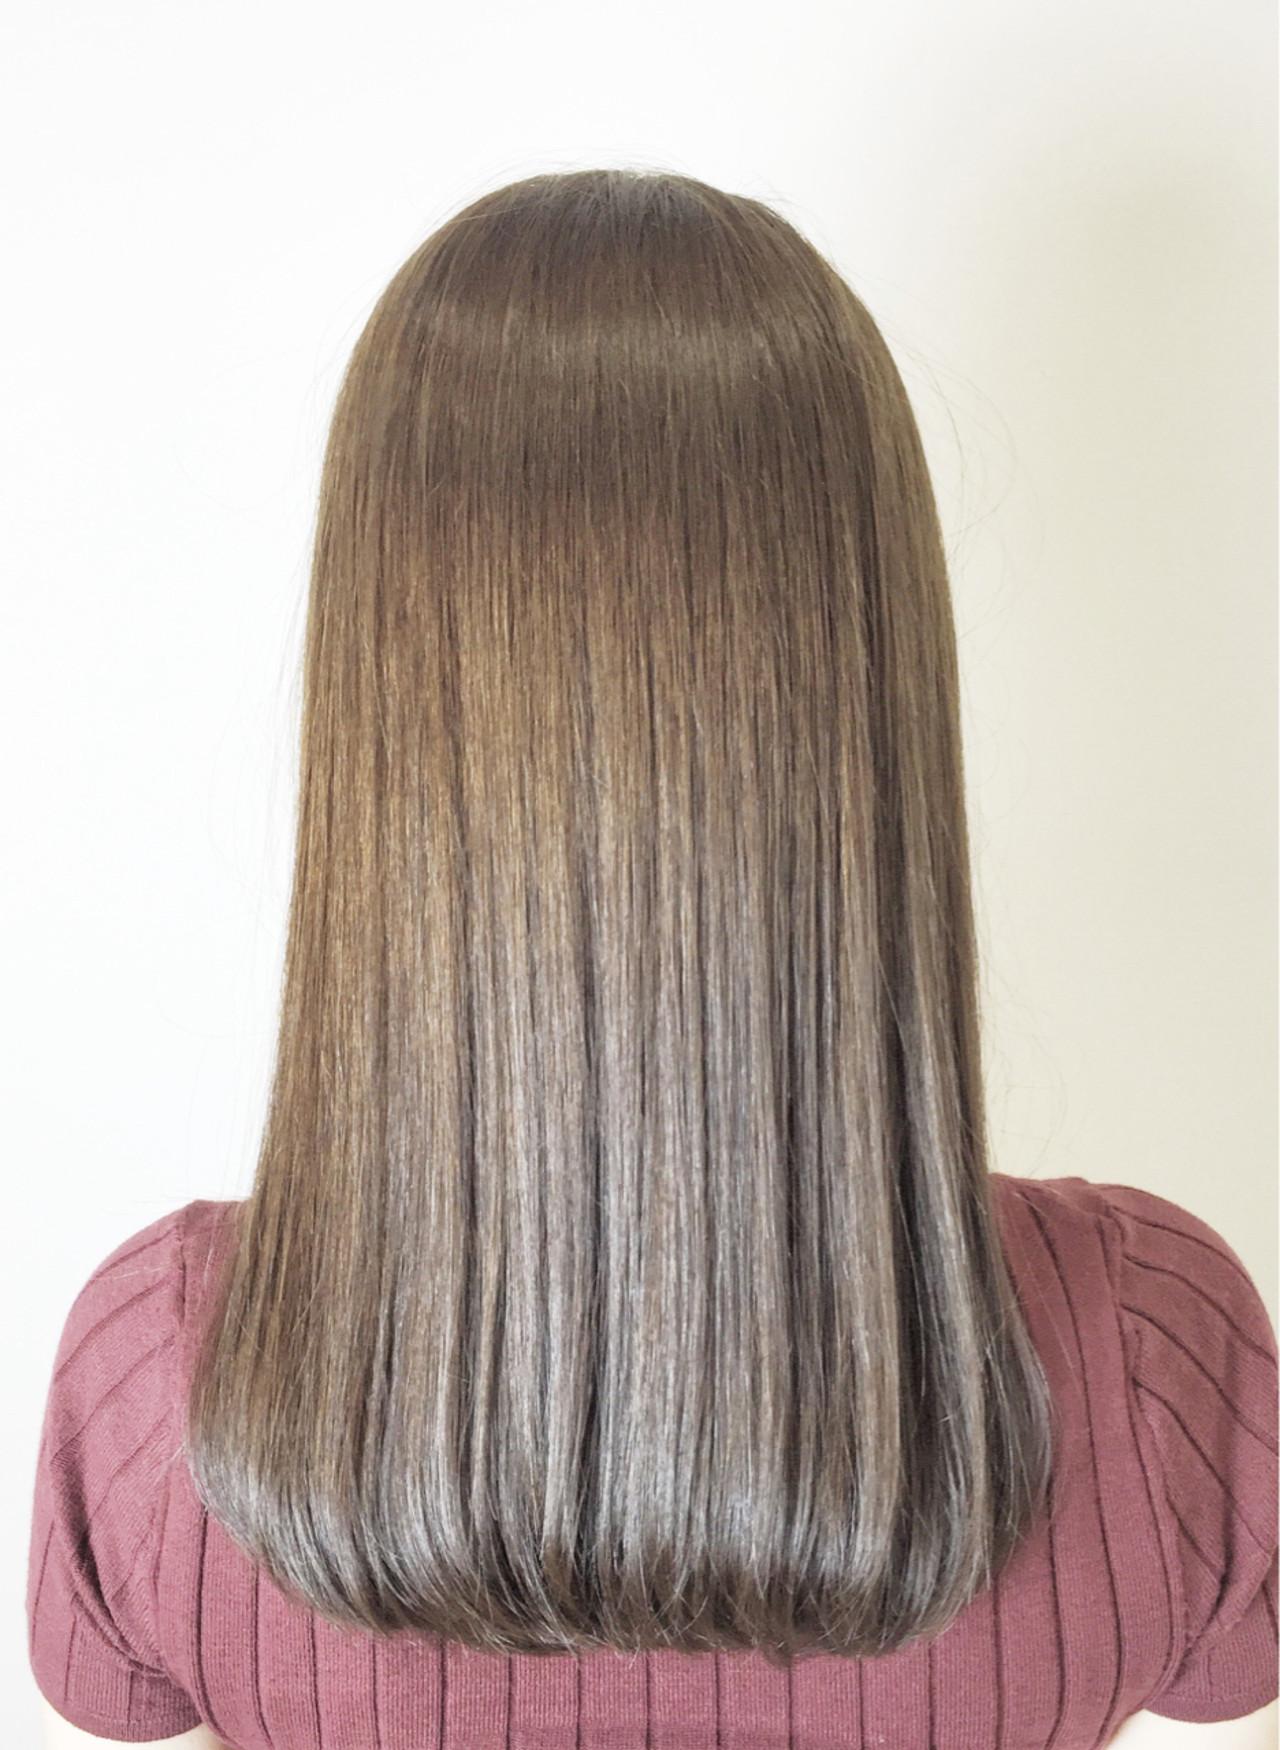 グレージュ 縮毛矯正 ロブ セミロングヘアスタイルや髪型の写真・画像